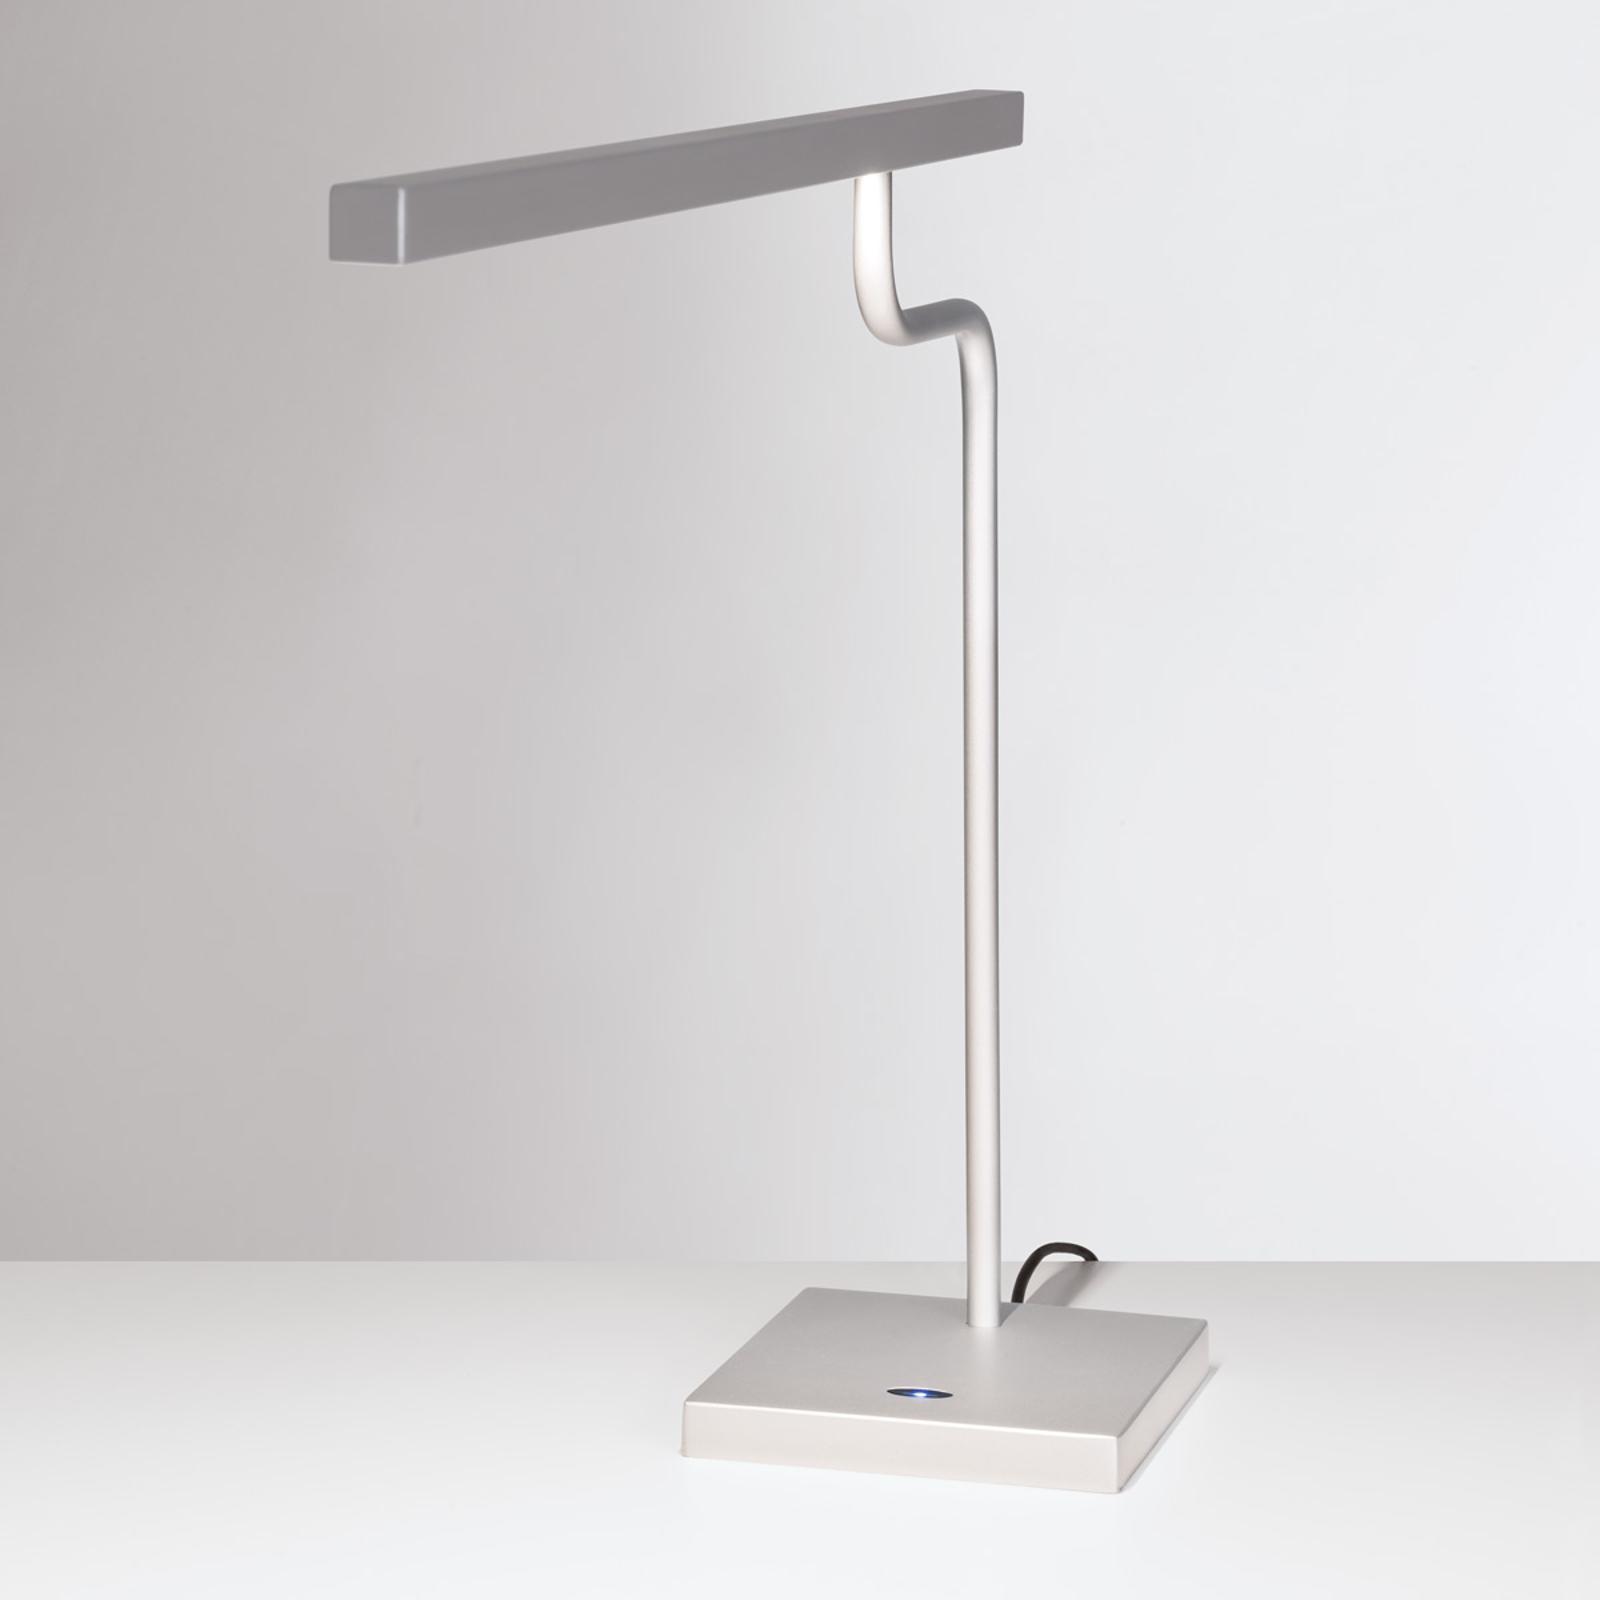 Silbergraue LED-Schreibtischleuchte MicroStick